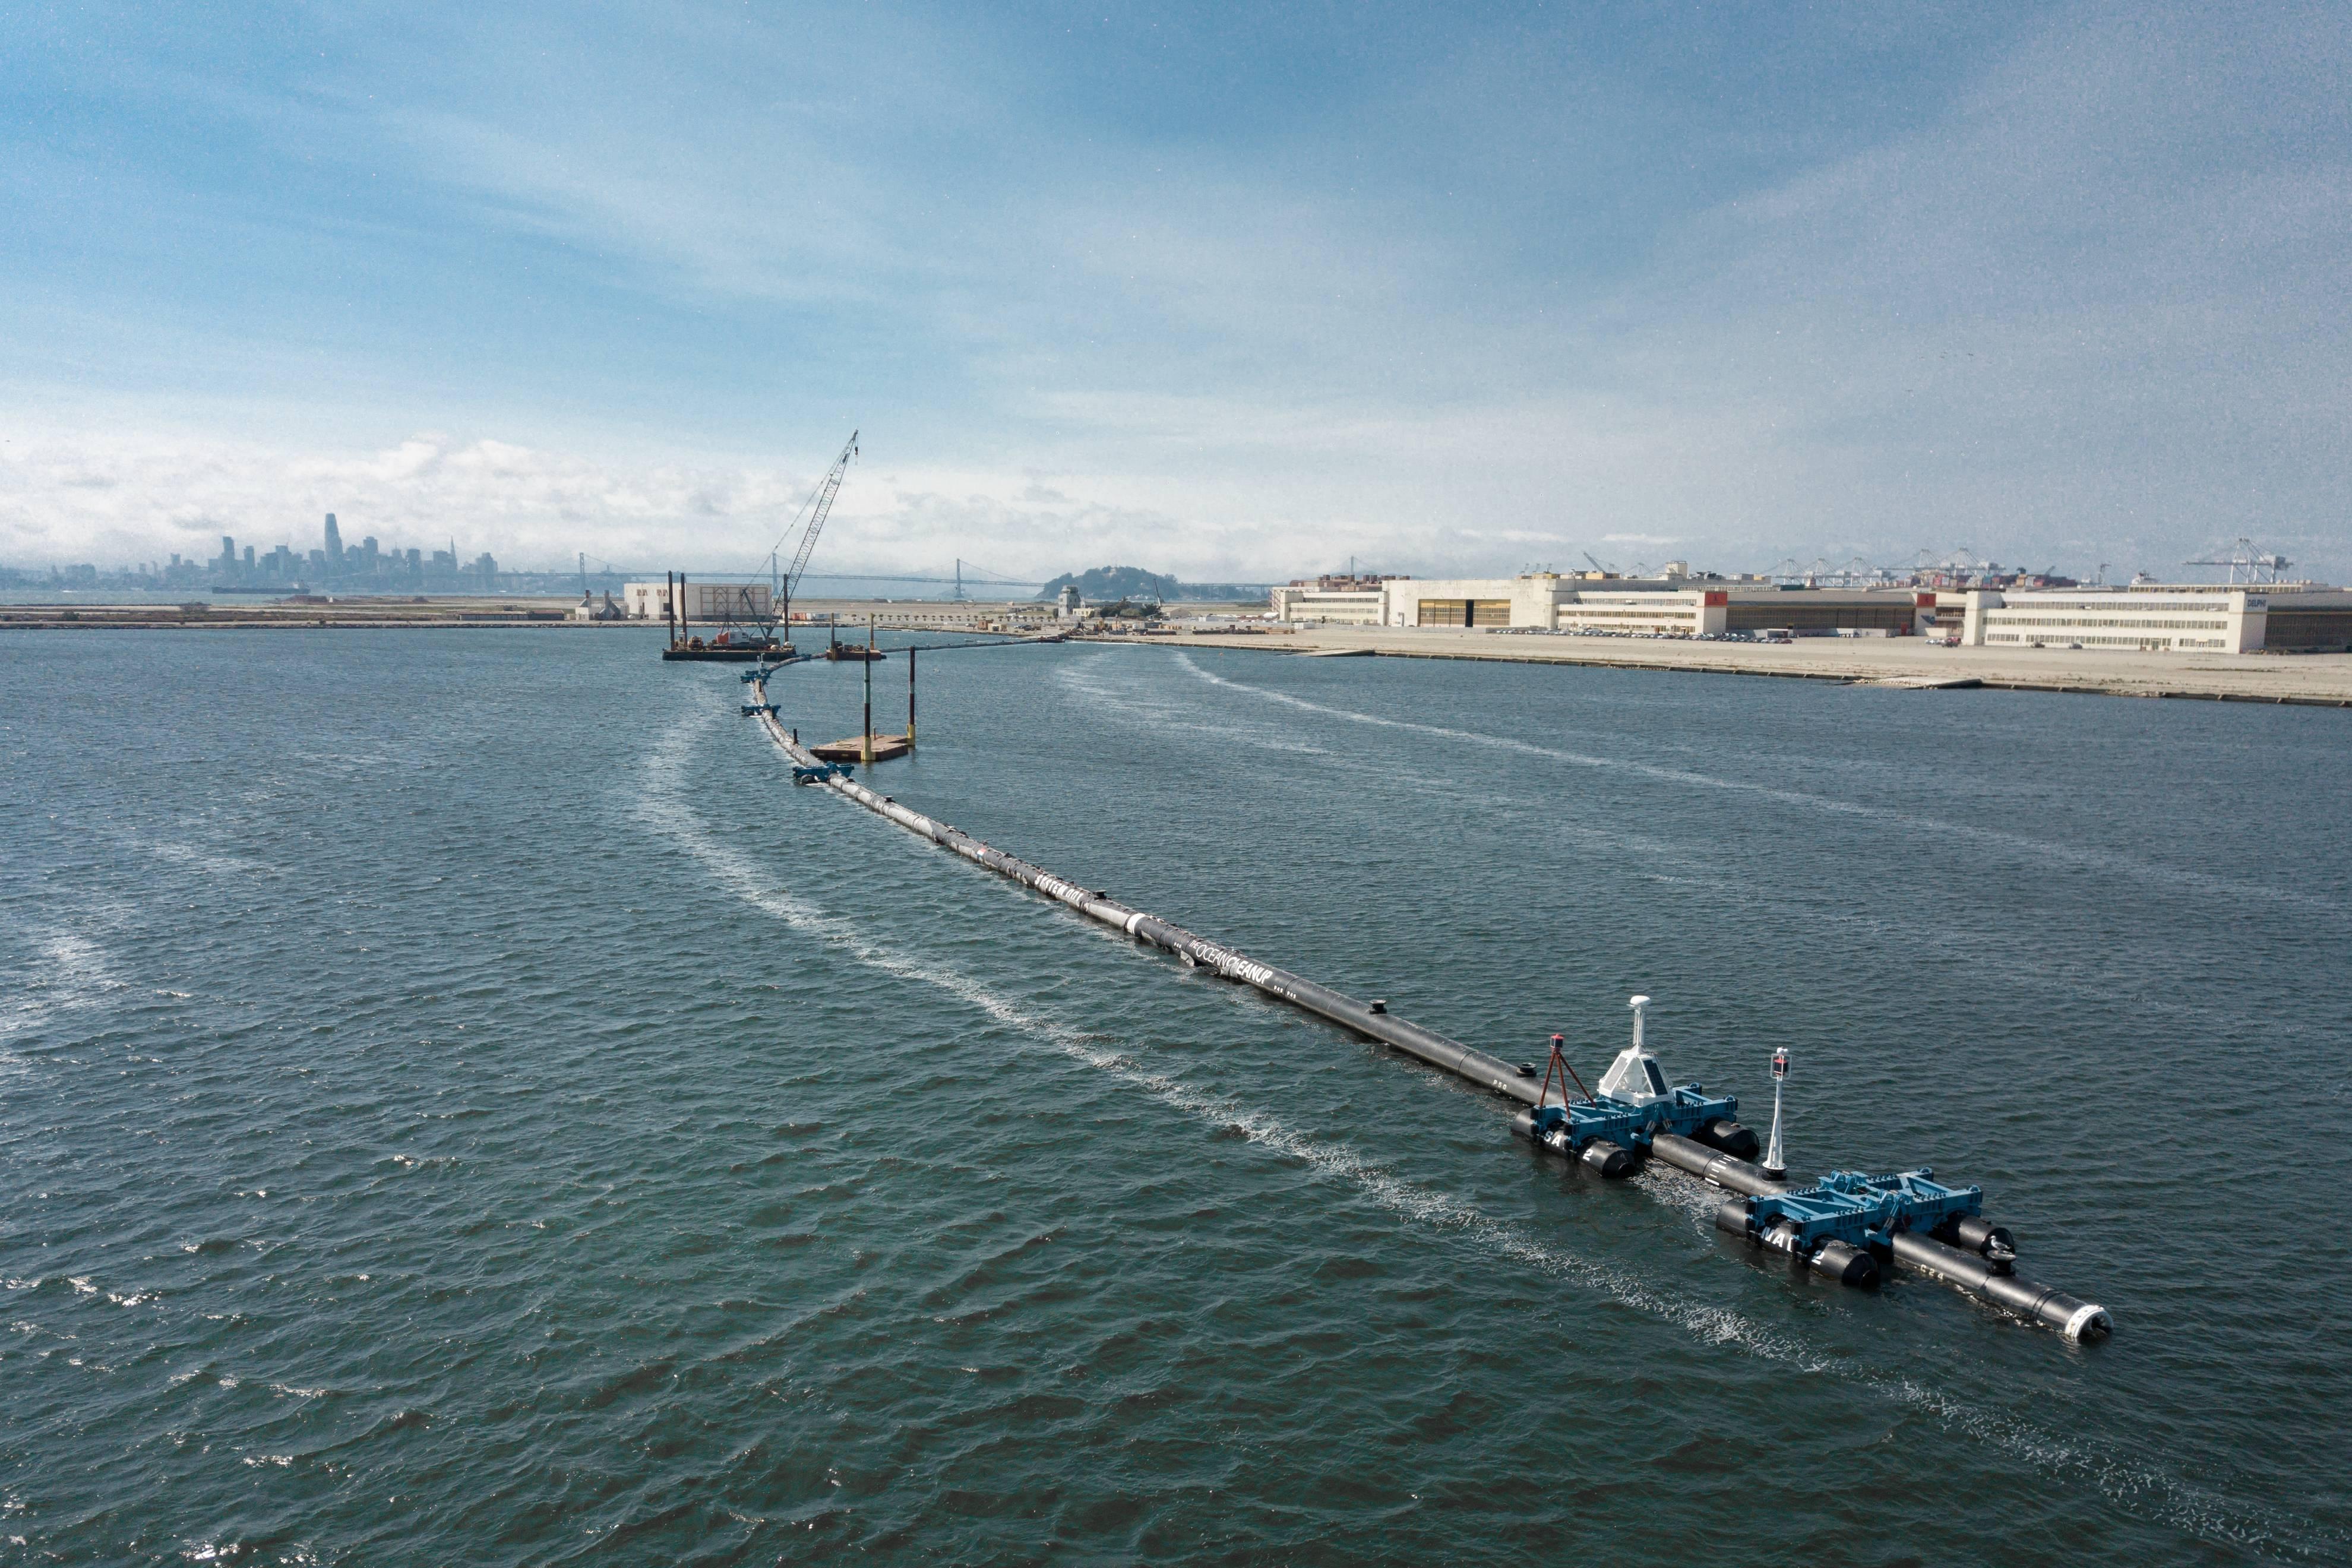 Una gigantesca red será utilizada para recolectar las billones de toneladas de basura que hay en el Océano Pacífico